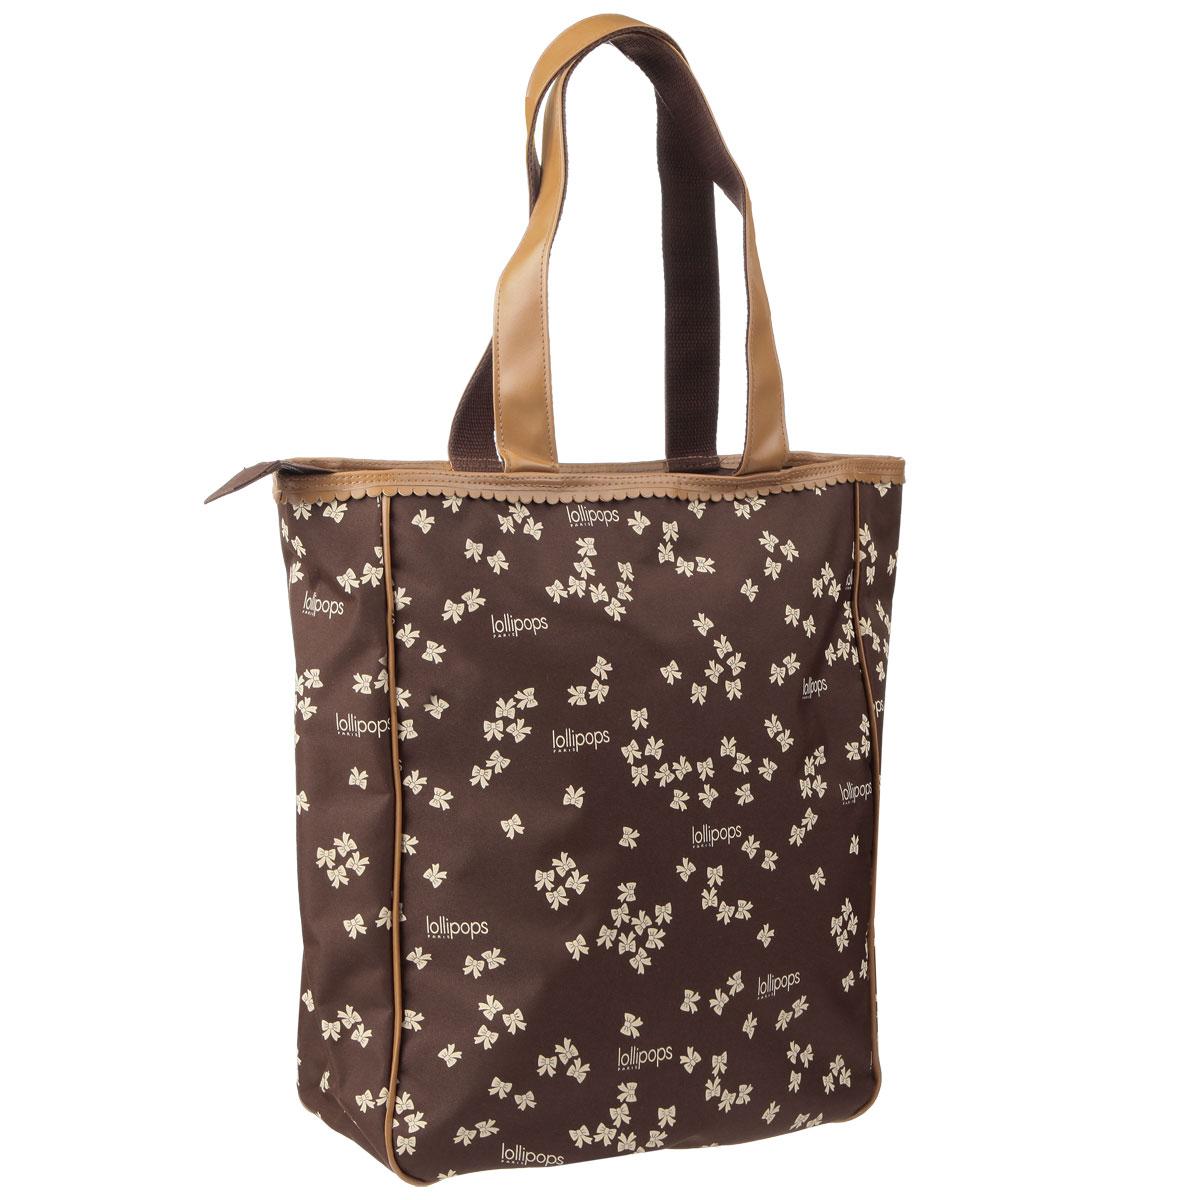 Элегантная женская сумка Lollipops изготовлена прочных современных материалов и оформлена узором из бантиков. Сумка имеет одно основное отделение, которое закрывается на застежку-молнию, и оснащена удобными ручками. Функциональная и вместительная, такая сумка поможет не только уместить все необходимые вещи, но и станет модным аксессуаром, который идеально дополнит ваш образ.